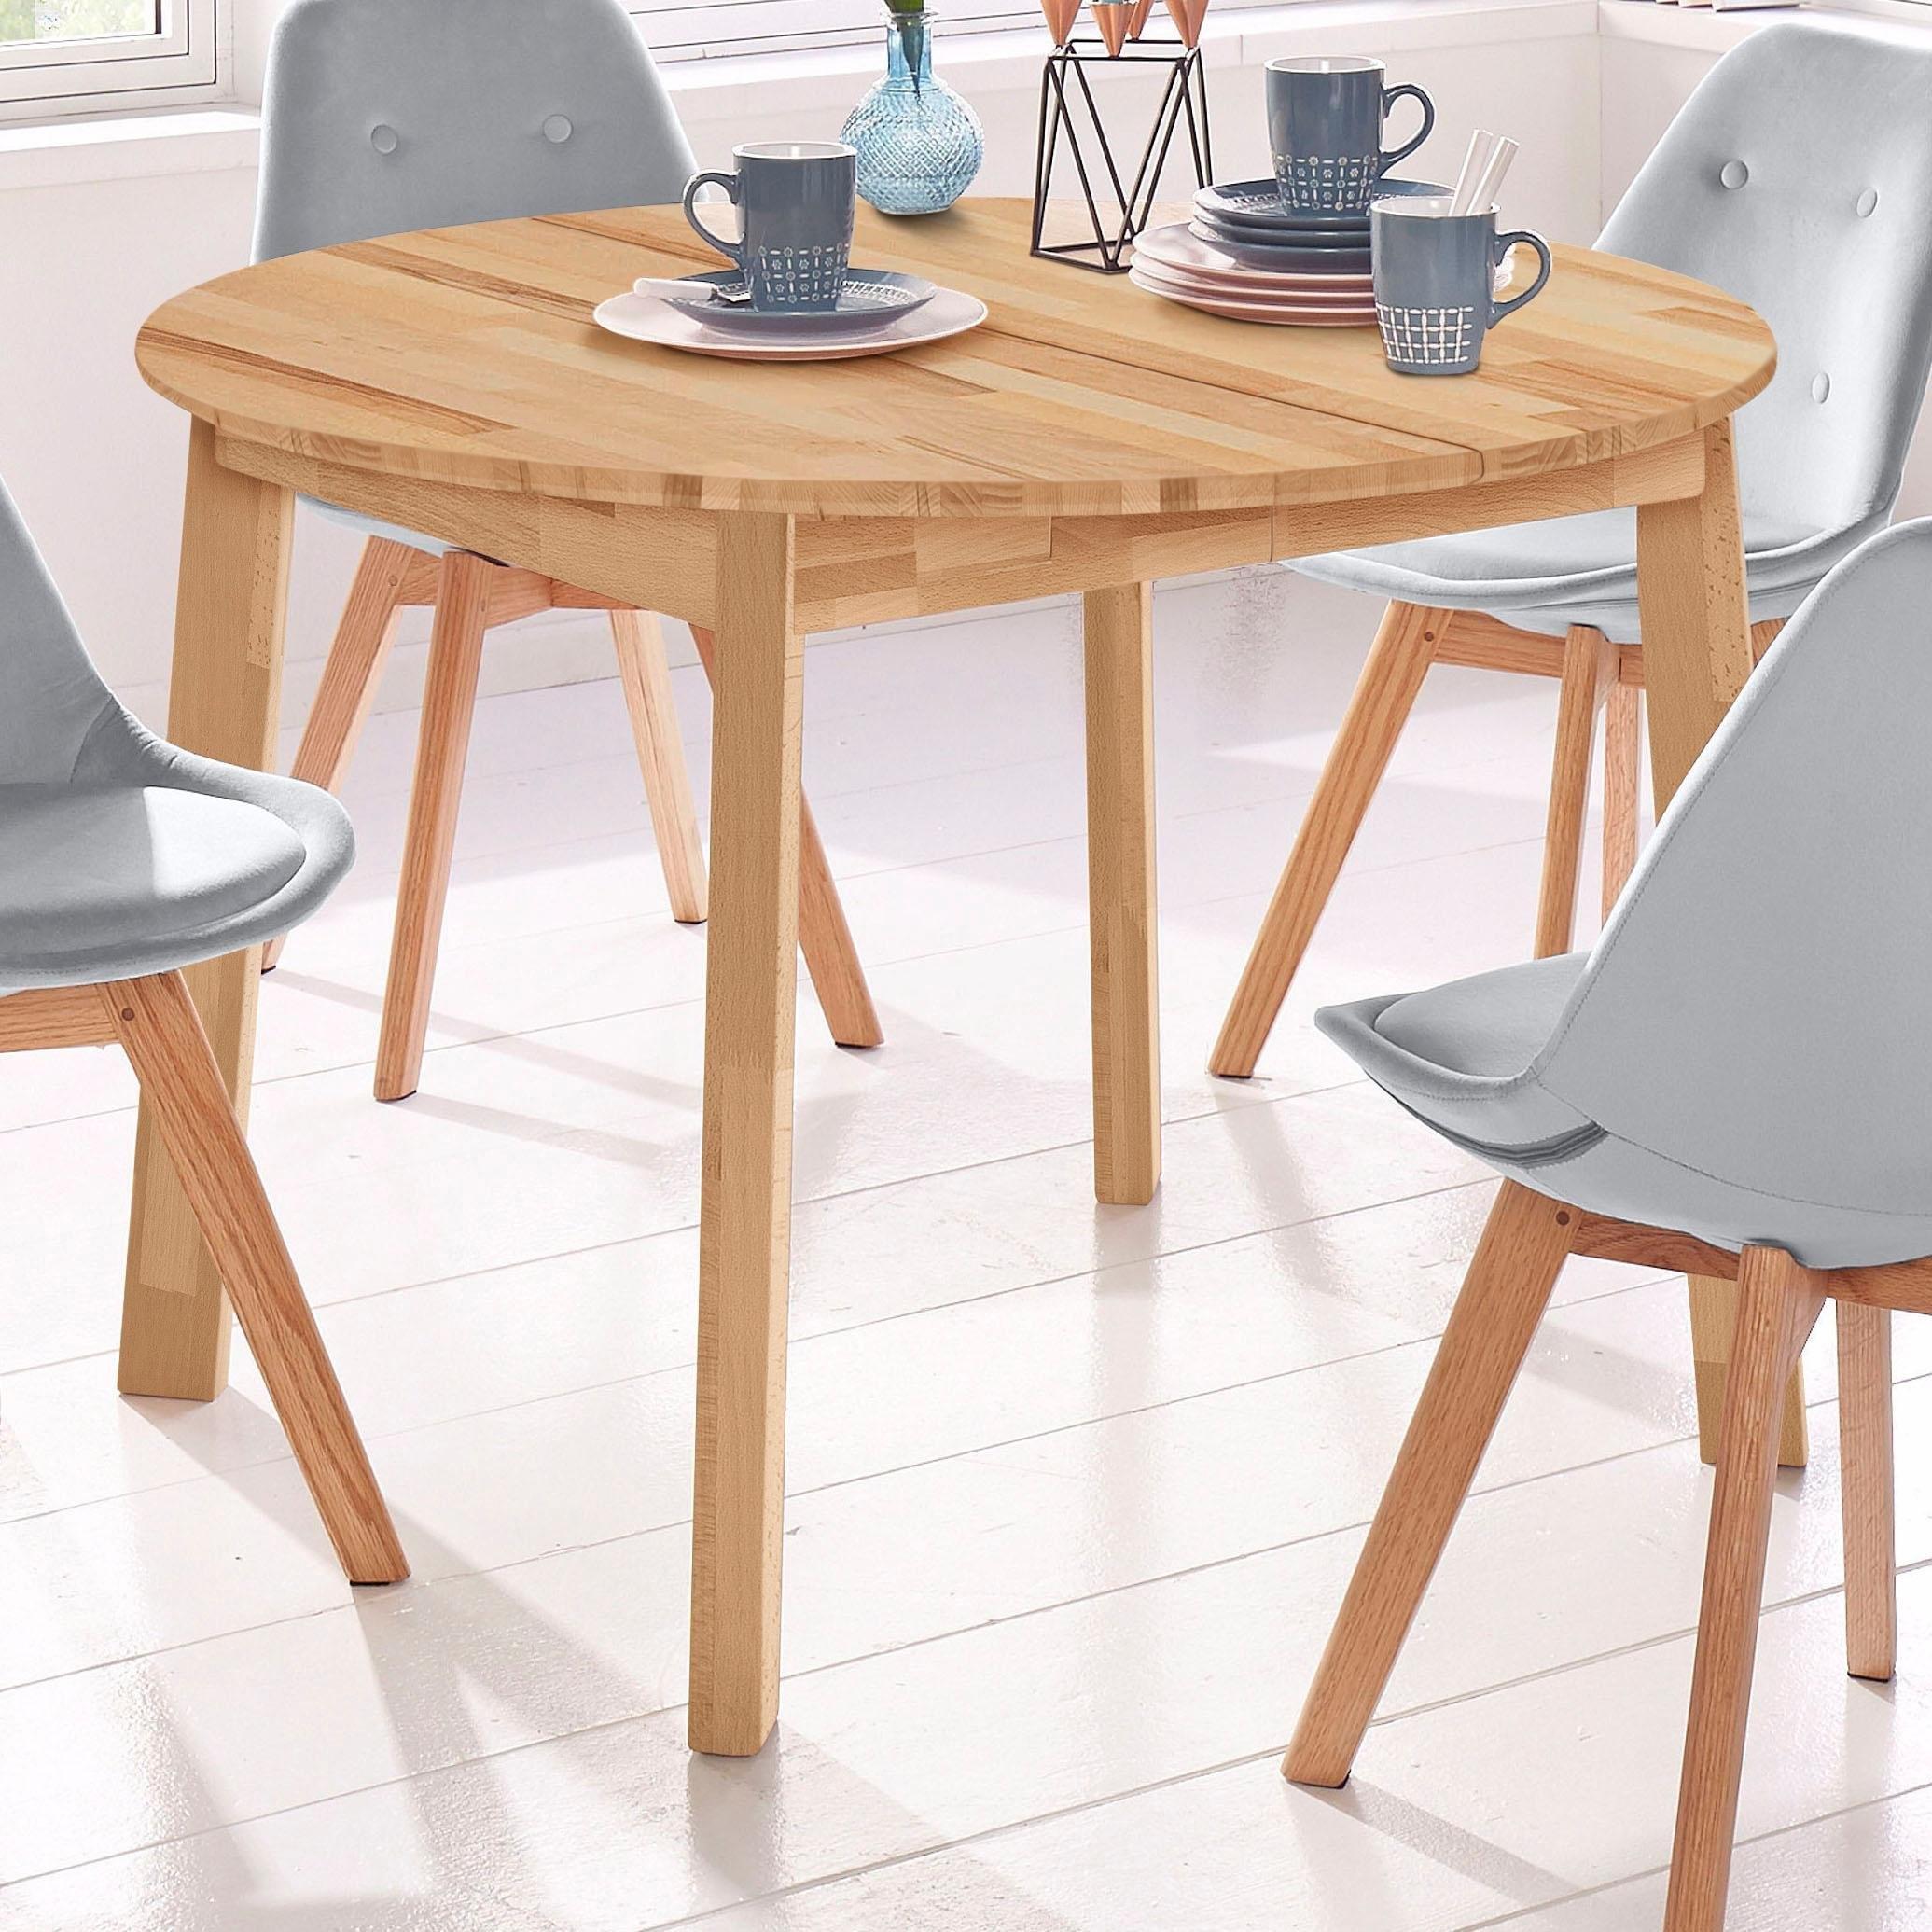 Eettafel rond skagen breedte 110 cm met uittrekfunctie for Eettafel rond